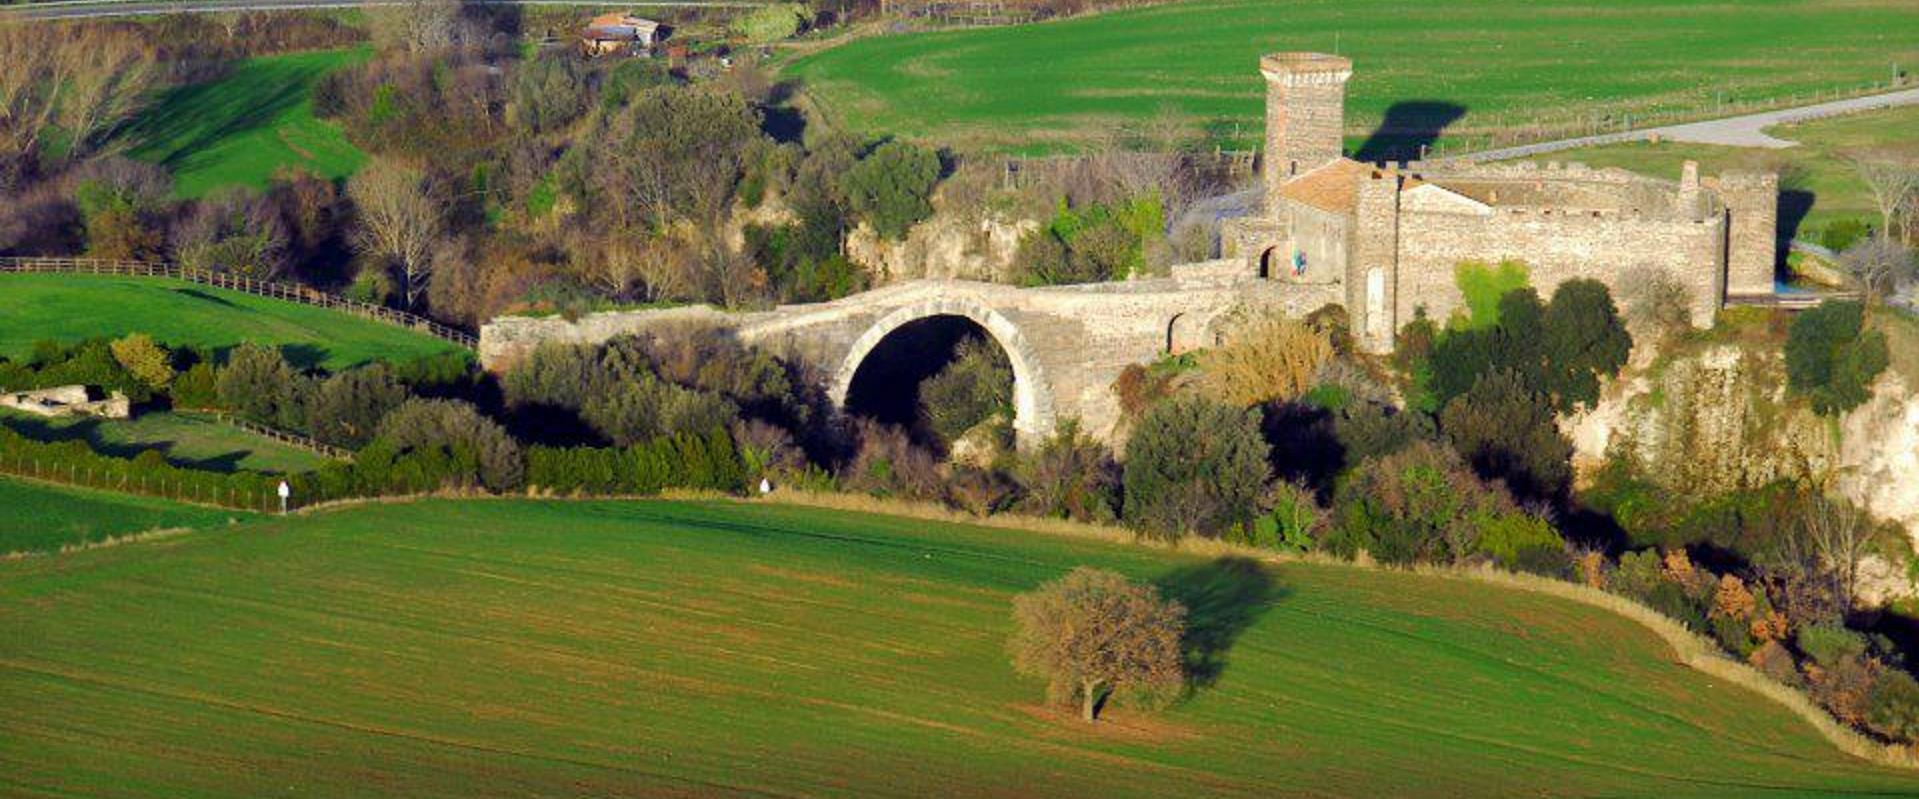 castello-di-vulci_1920x8001